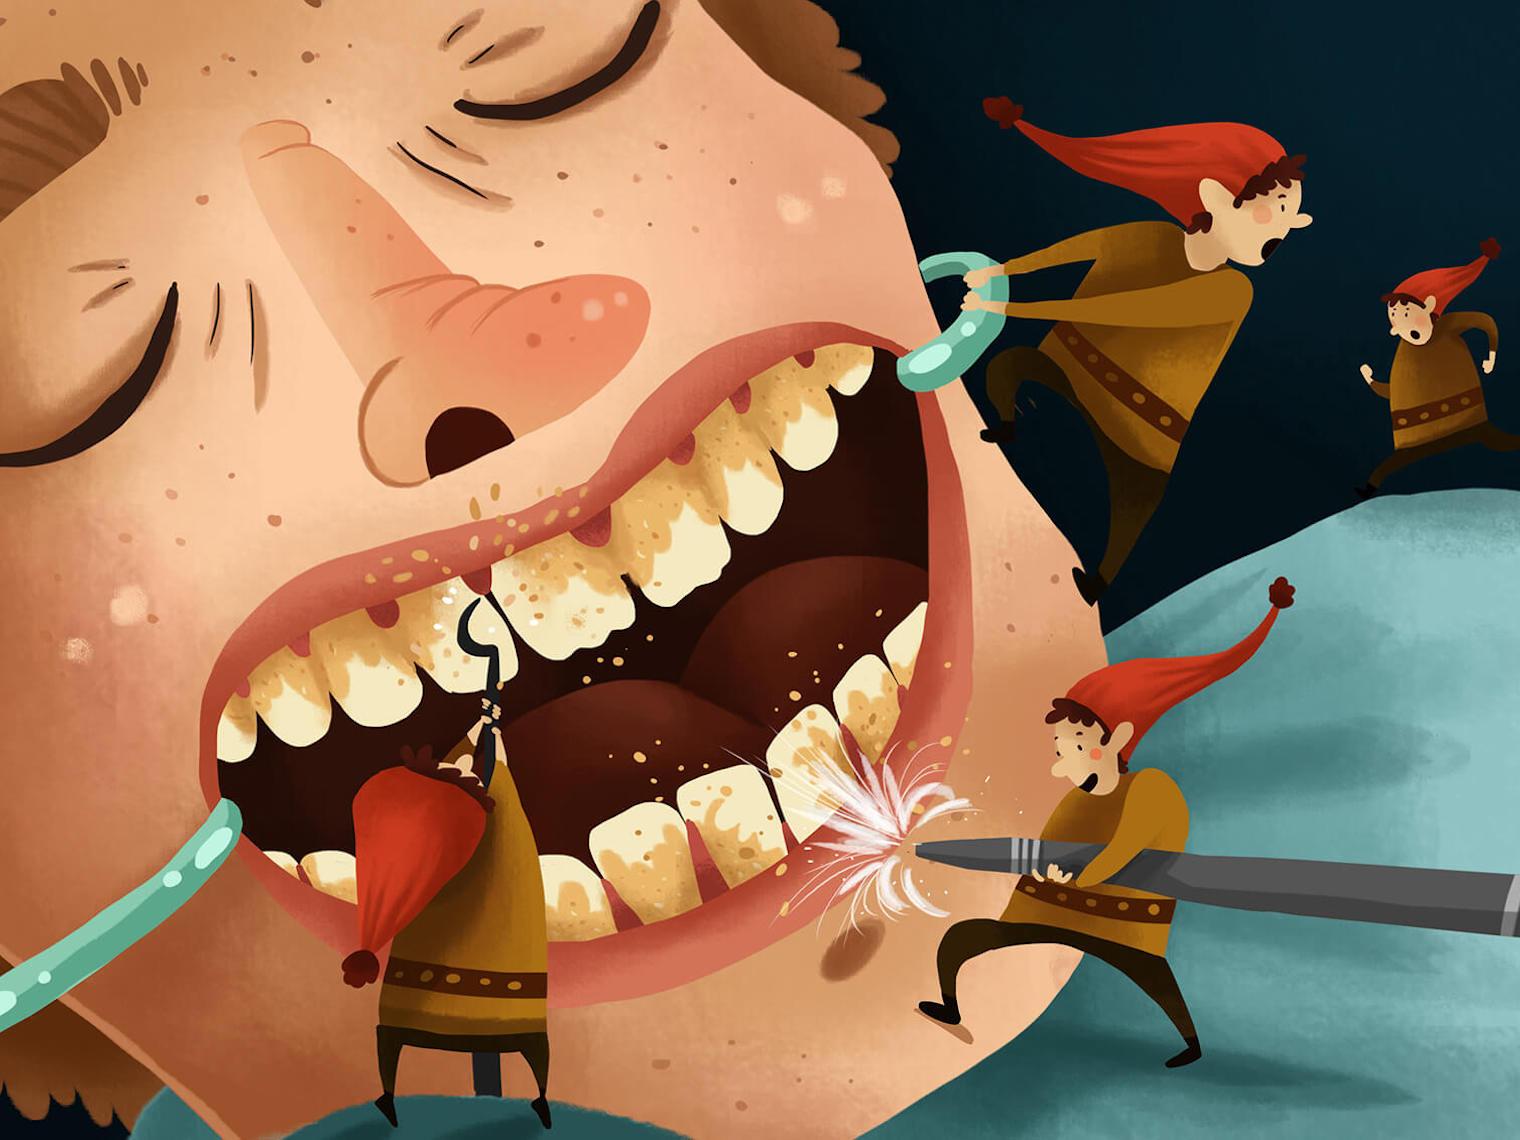 未妥善清潔牙菌斑是造成牙周病的主因,抽煙、懷孕、壓力、特定藥物、磨牙、糖尿病、其他全身性疾病(如白血病、愛滋病等。)也是導致牙周病的高風險因子。